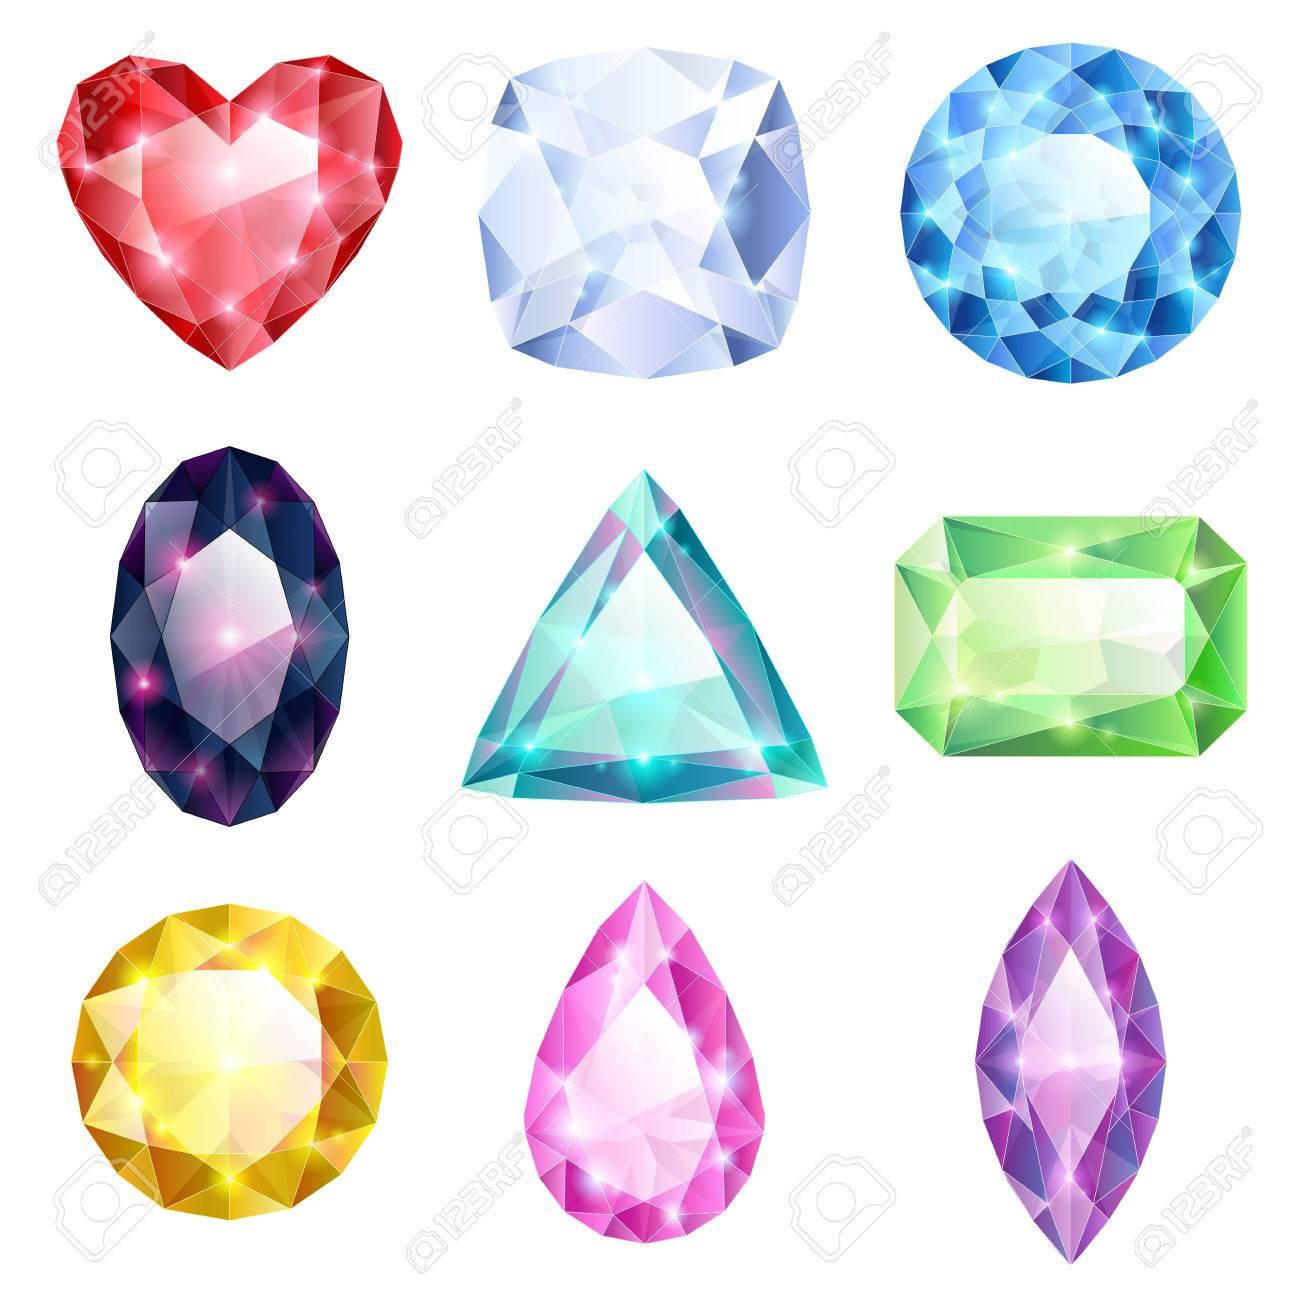 pas mal ed109 493ae Ensemble de brillants réalistes bijoux colorés. Différentes pierres isolées  sur fond blanc.